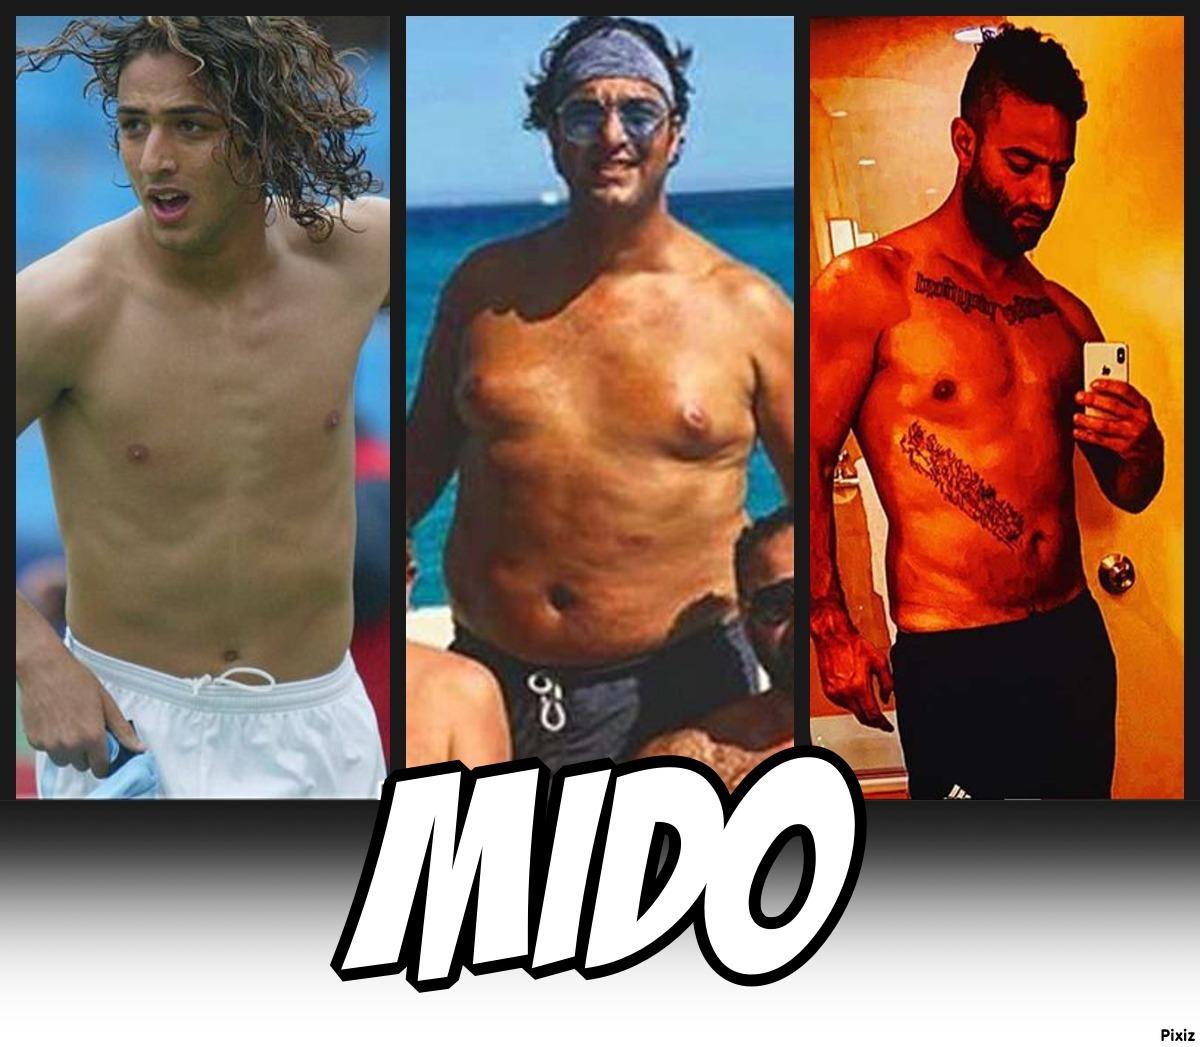 Imagenes de futbolistas antes y despues de adelgazar